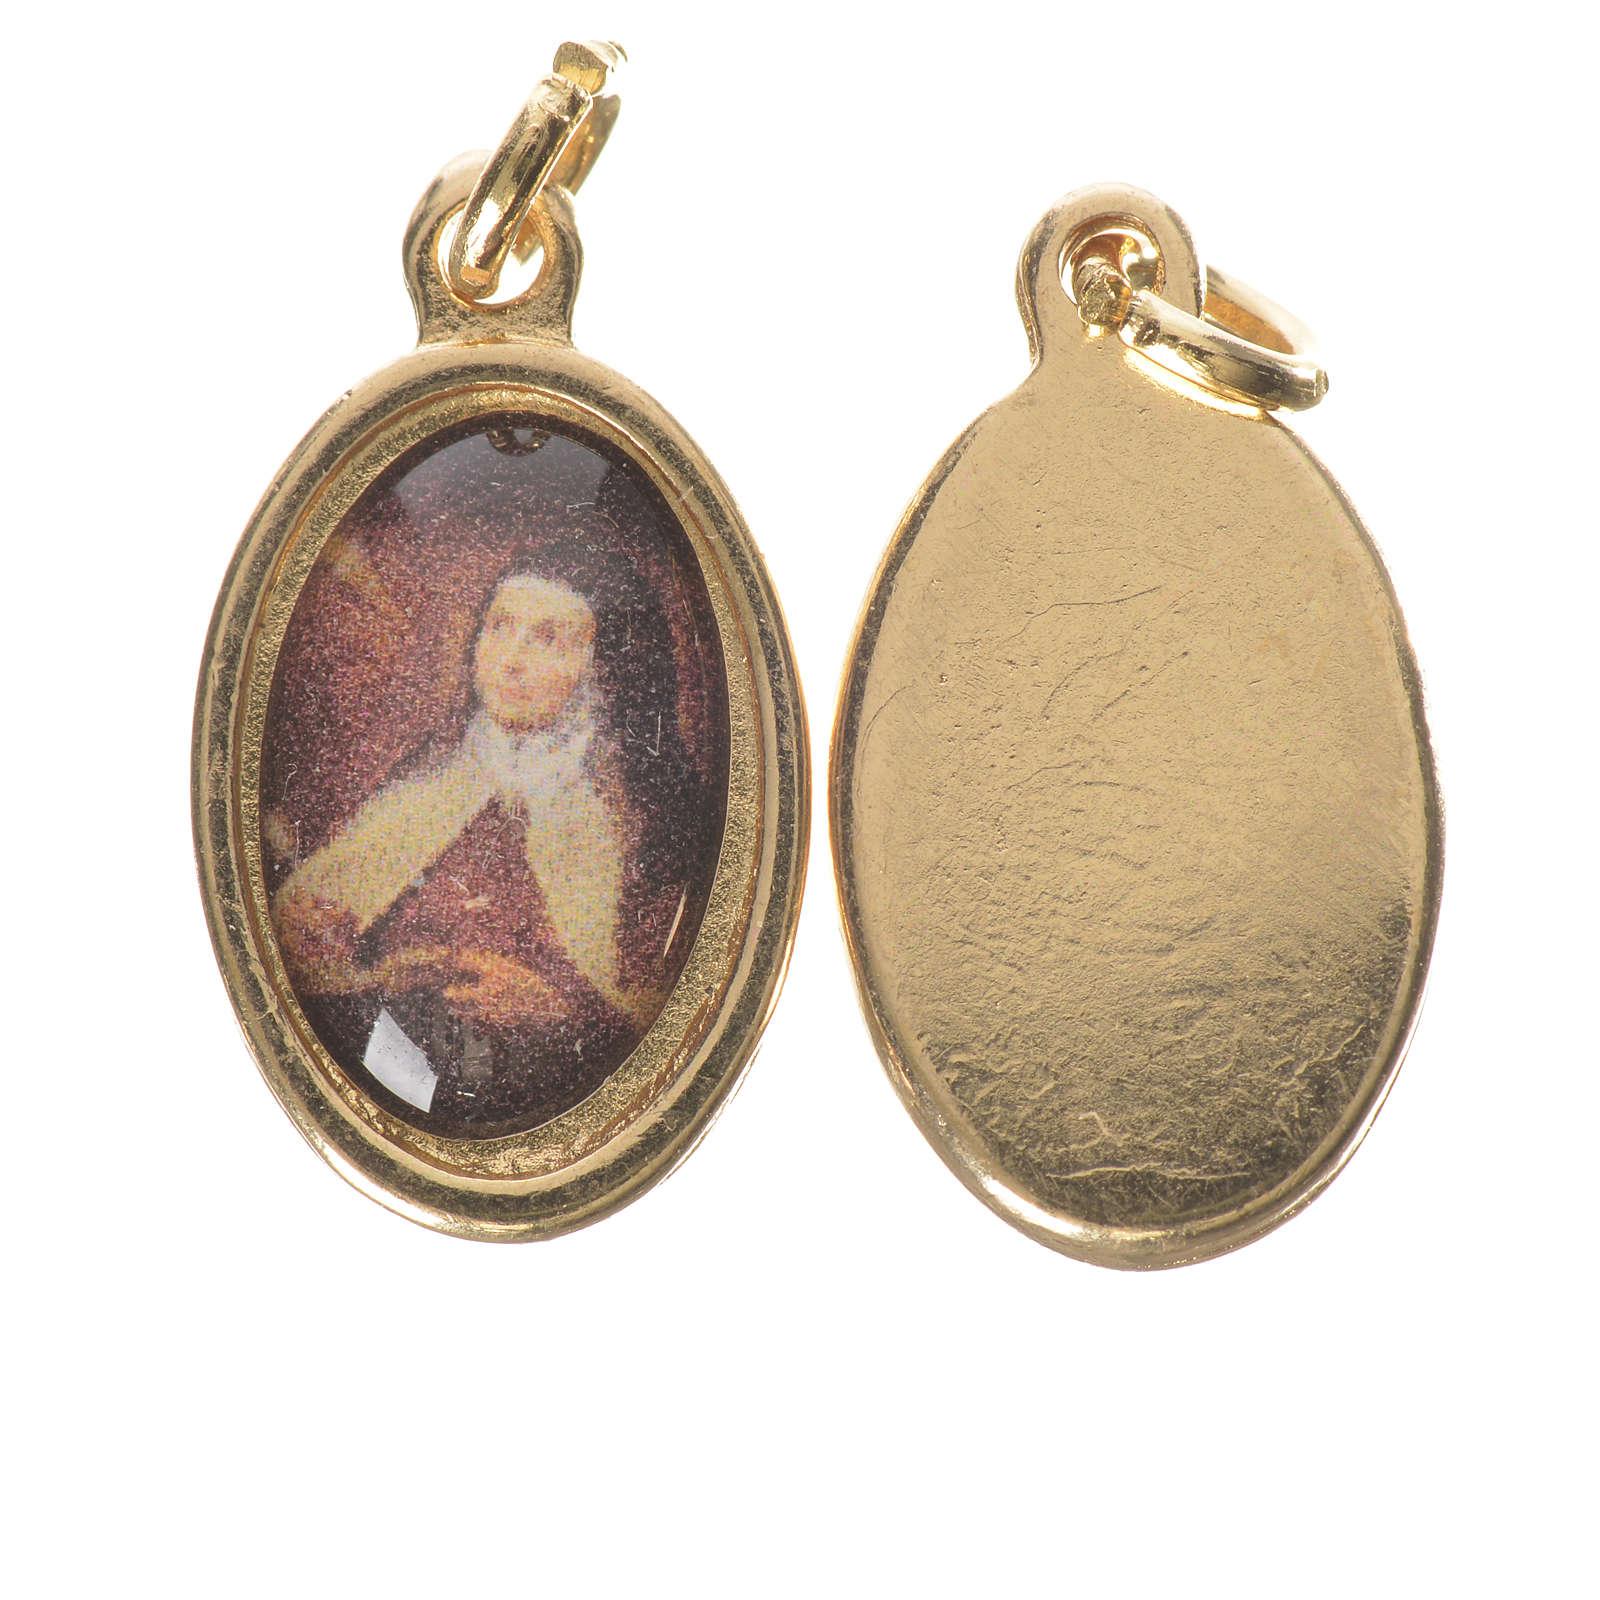 Medaglia S. Teresa Avila metallo dorato altezza 1,5cm 4